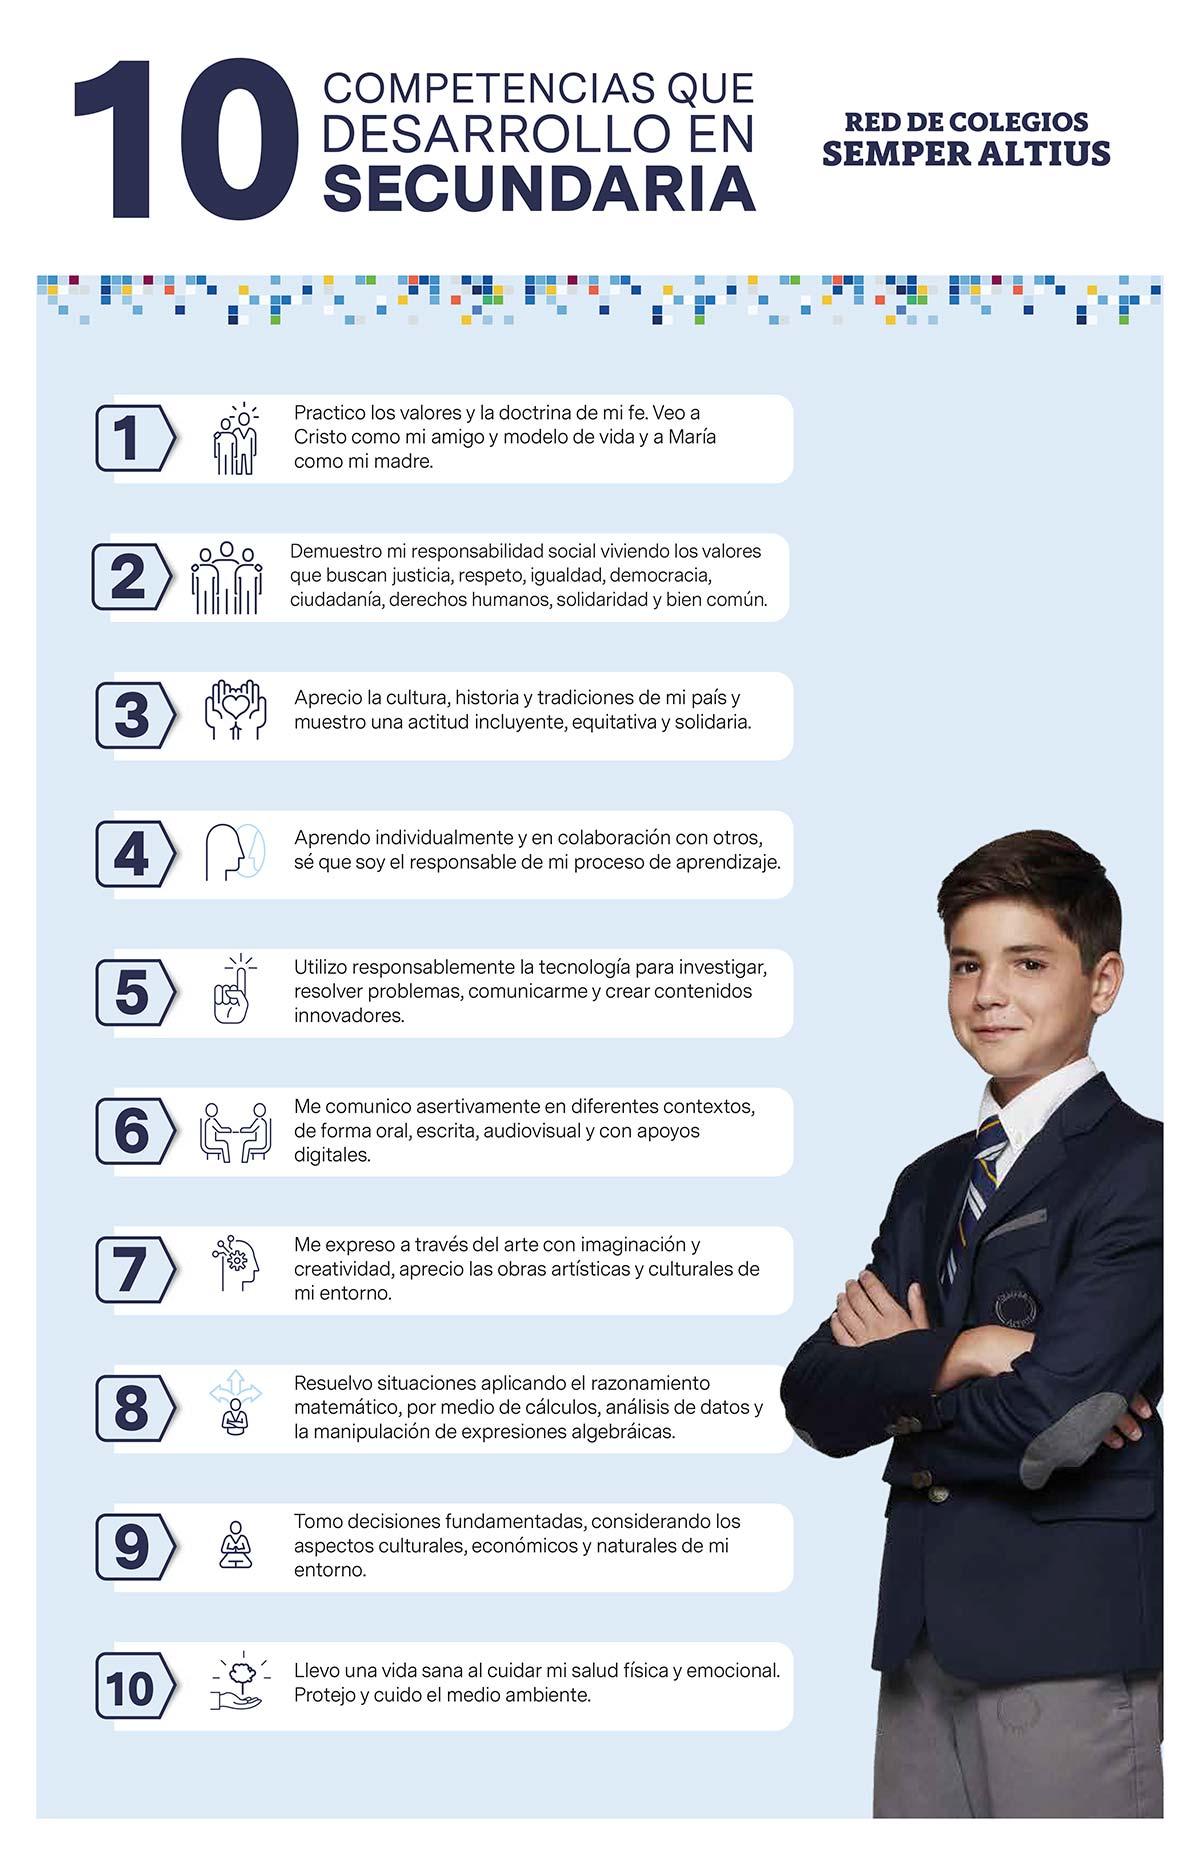 10 competencias desarrollo secundaria